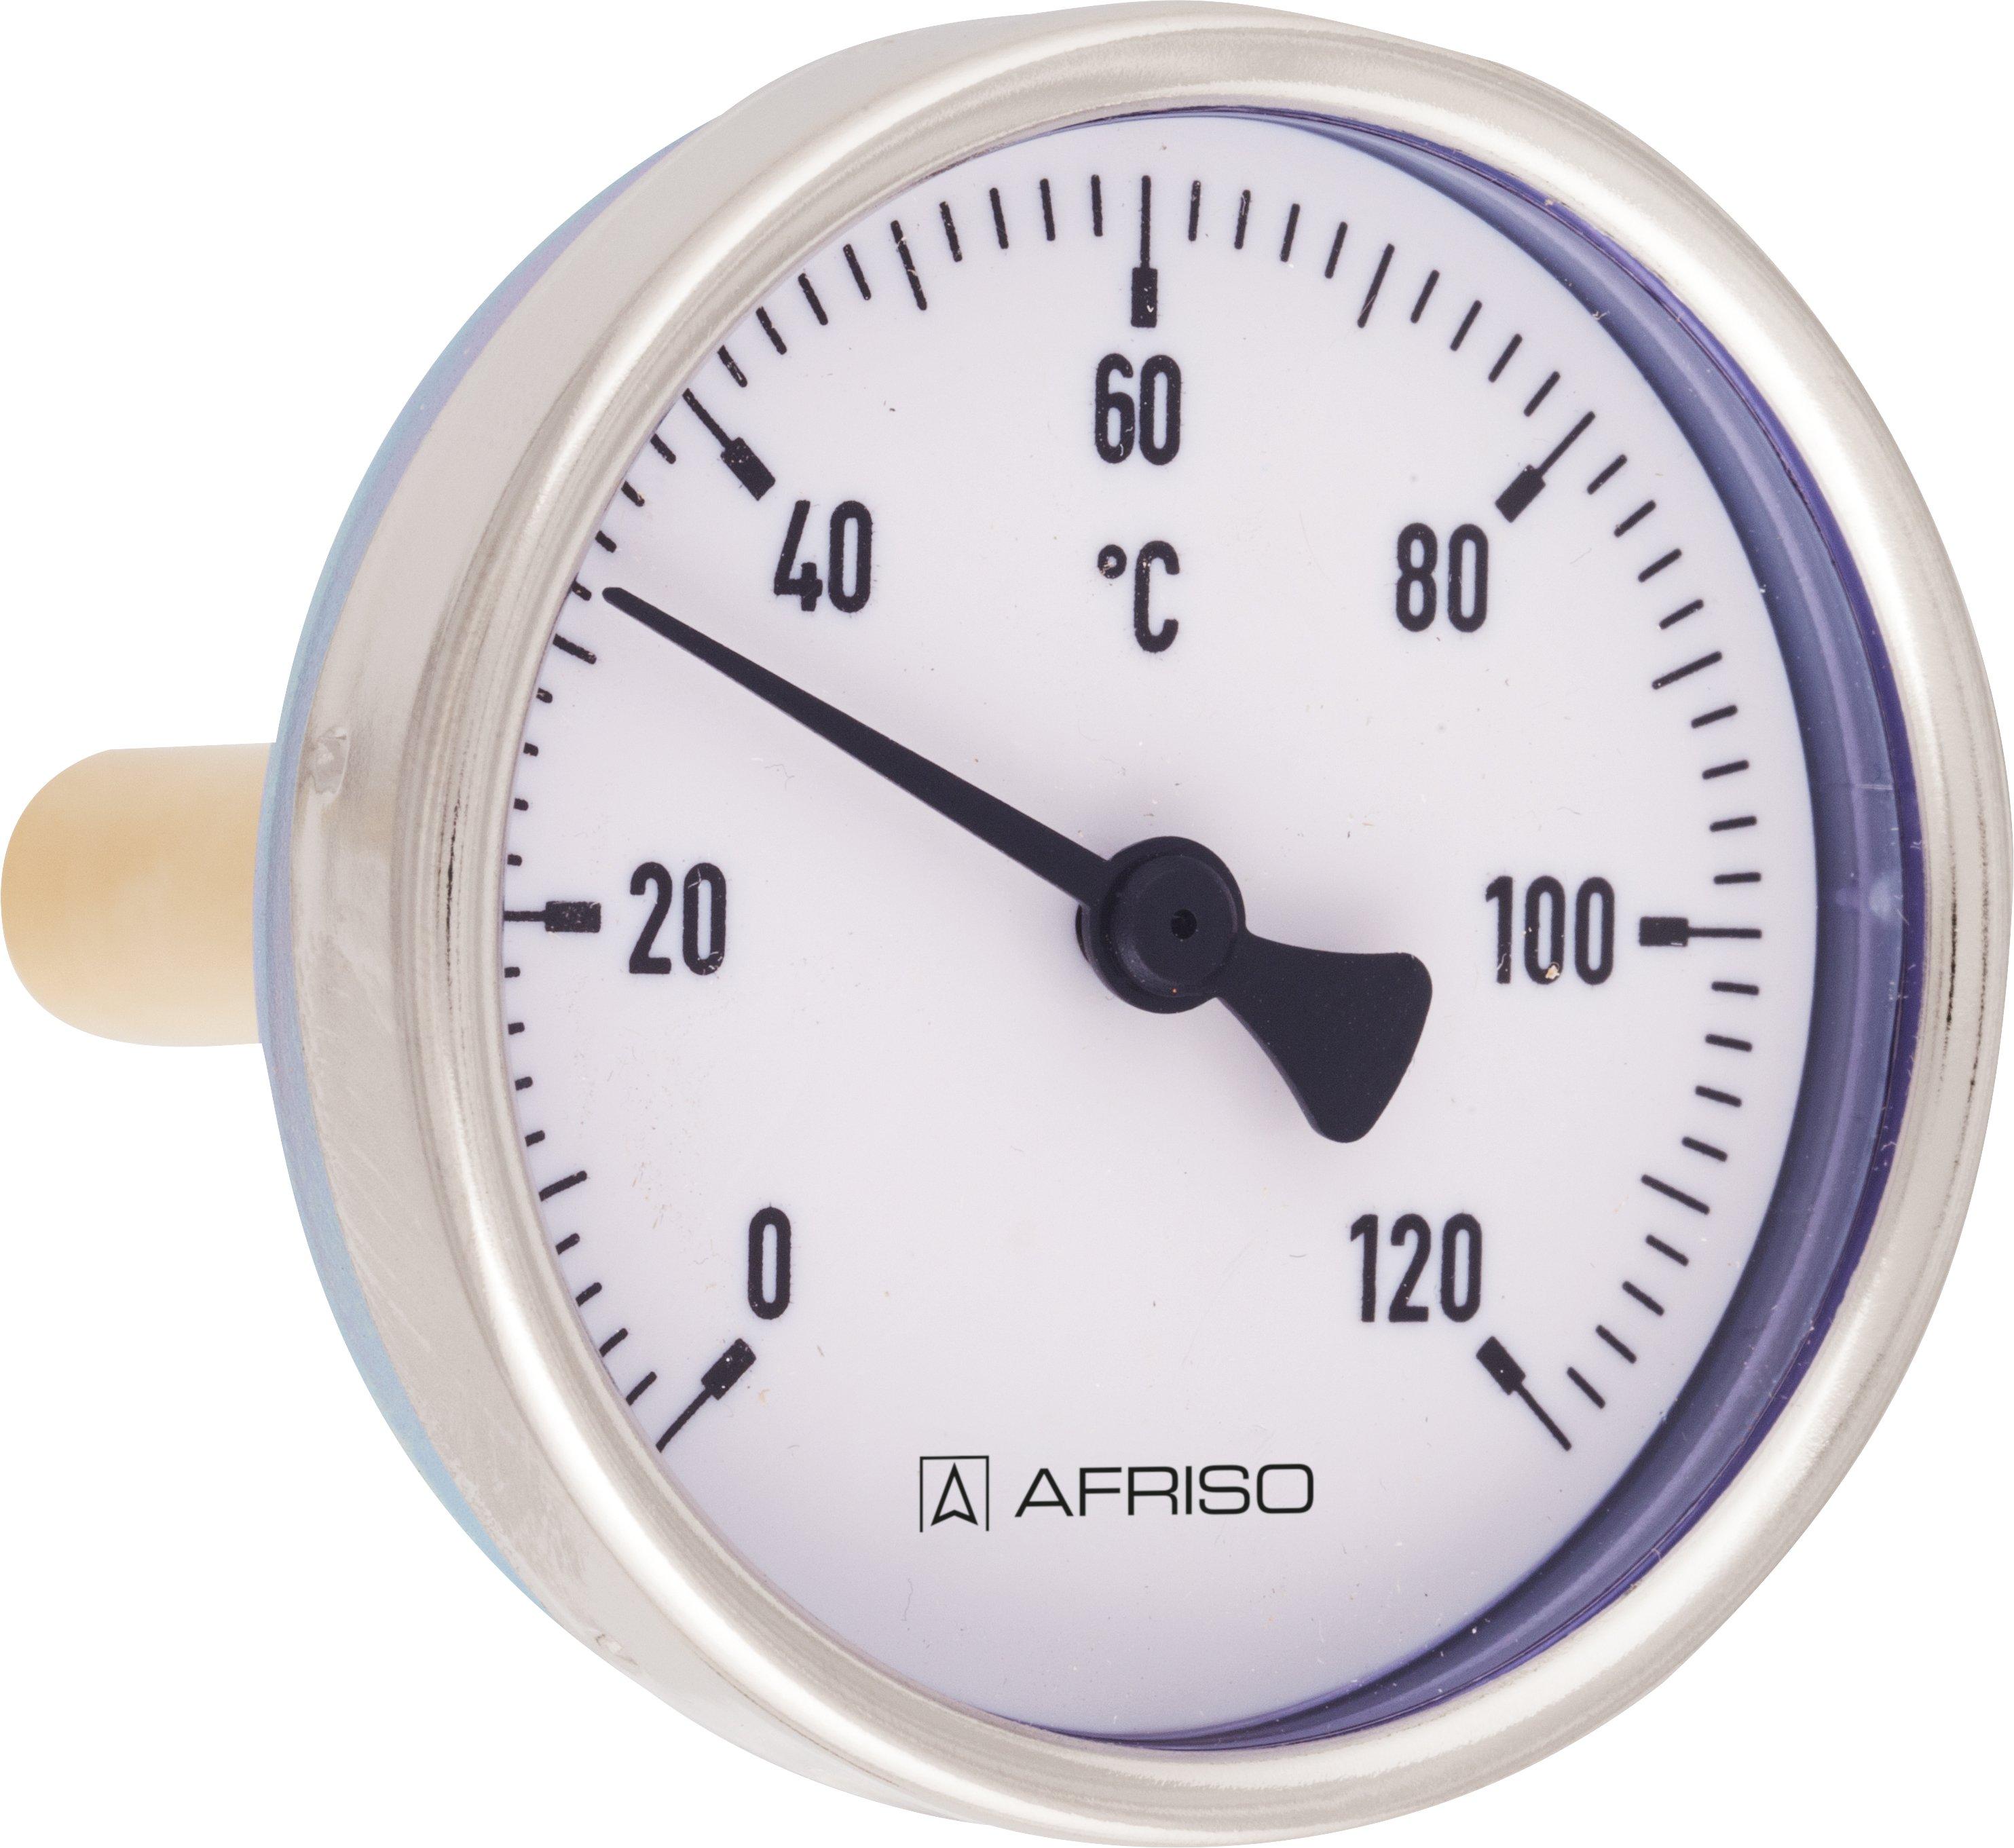 Termometr bimetaliczny BiTh 100 E, D312, fi100 mm, -20÷60°C, L 63 mm, ax, kl. 1